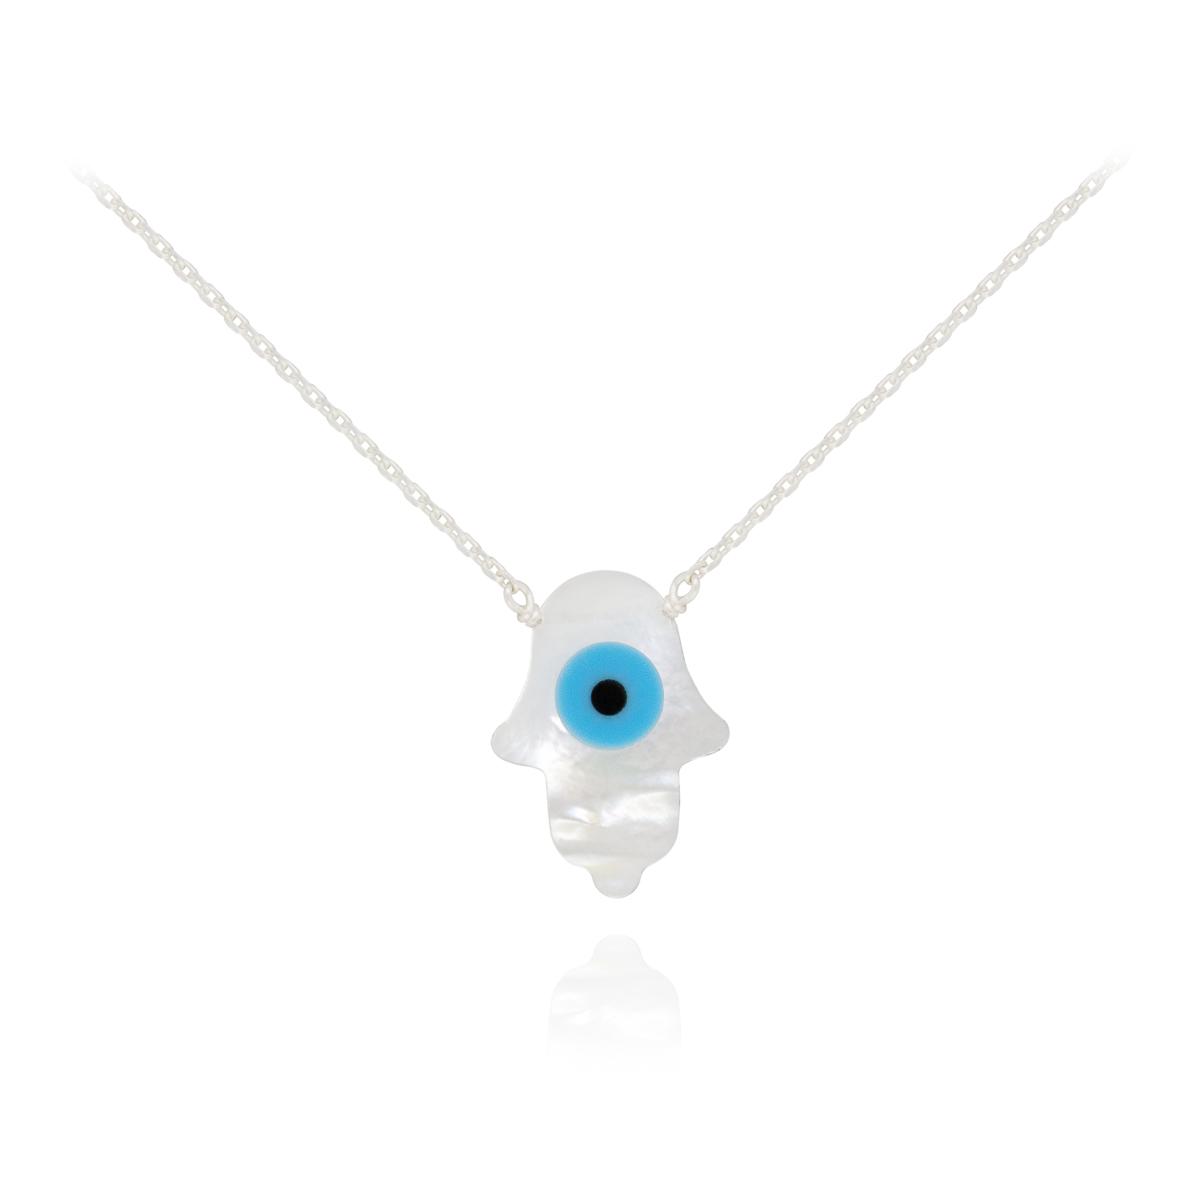 Colar joia prata 925 madrepérola Olho grego e Mão de Fátima